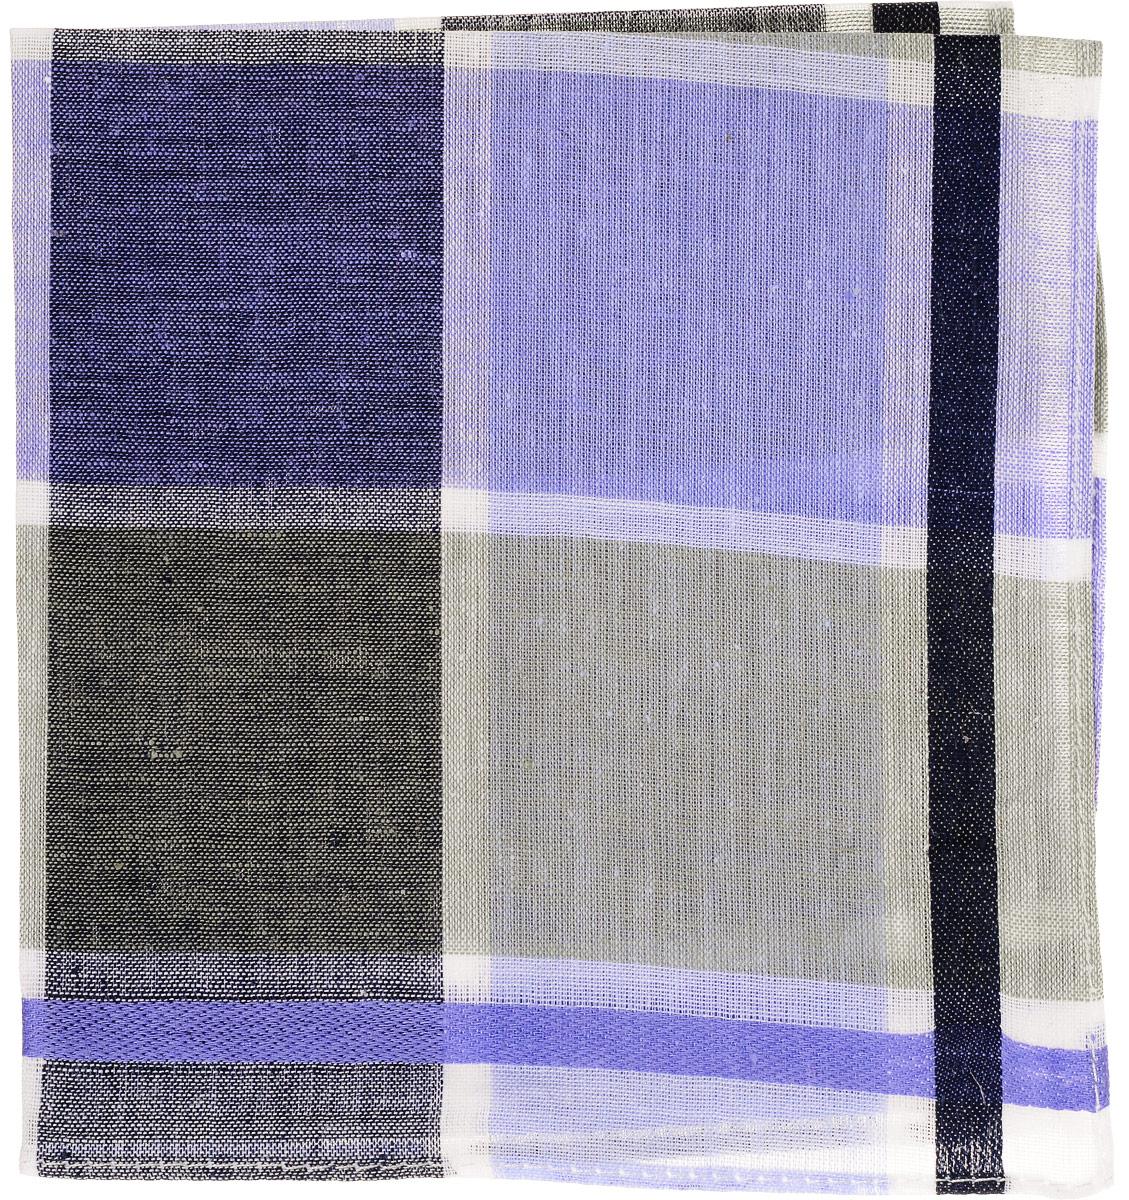 Платок носовой женский Zlata Korunka, цвет: фиолетовый, серый, клетка. 45471. Размер 27 х 27 смСерьги с подвескамиЖенский носовой платок Zlata Korunka изготовлен из натурального хлопка, приятный в использовании, хорошо стирается, материал не садится и отлично впитывает влагу.